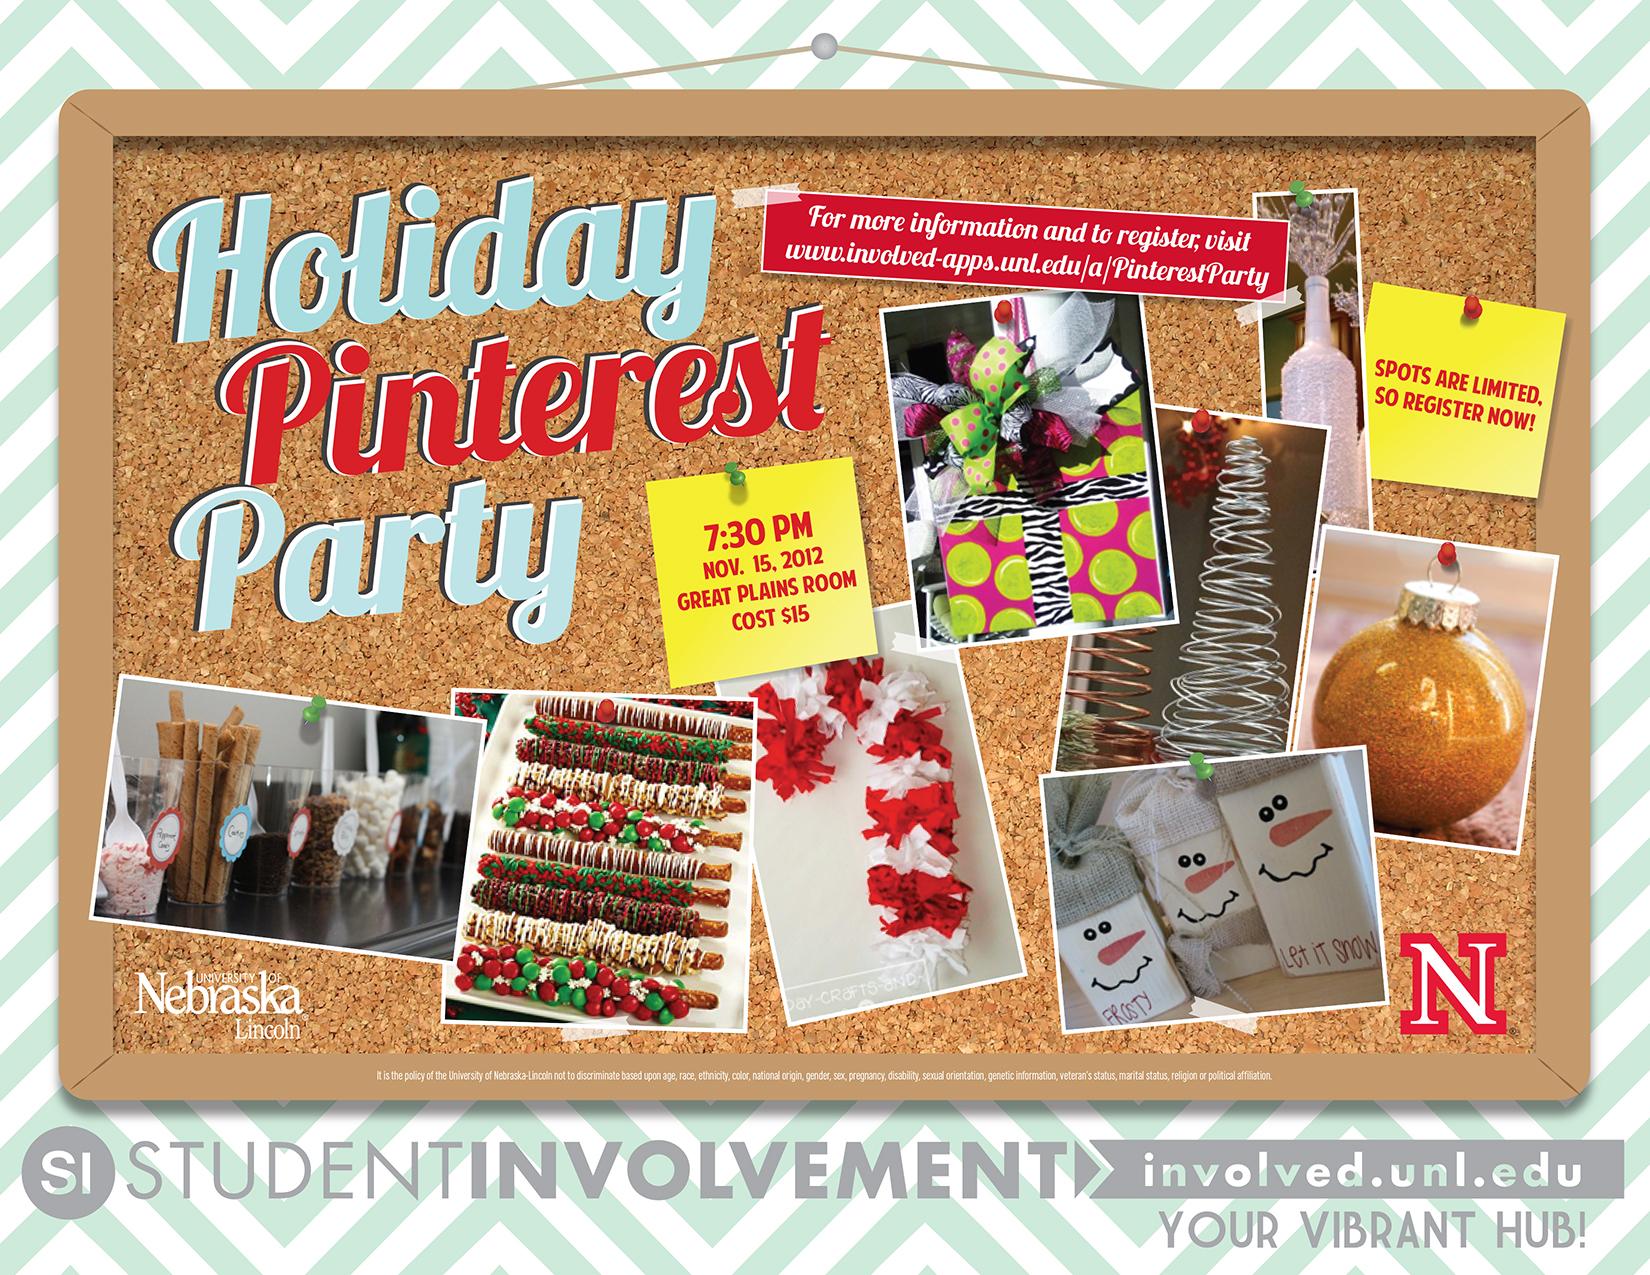 Pinterest Party 2012